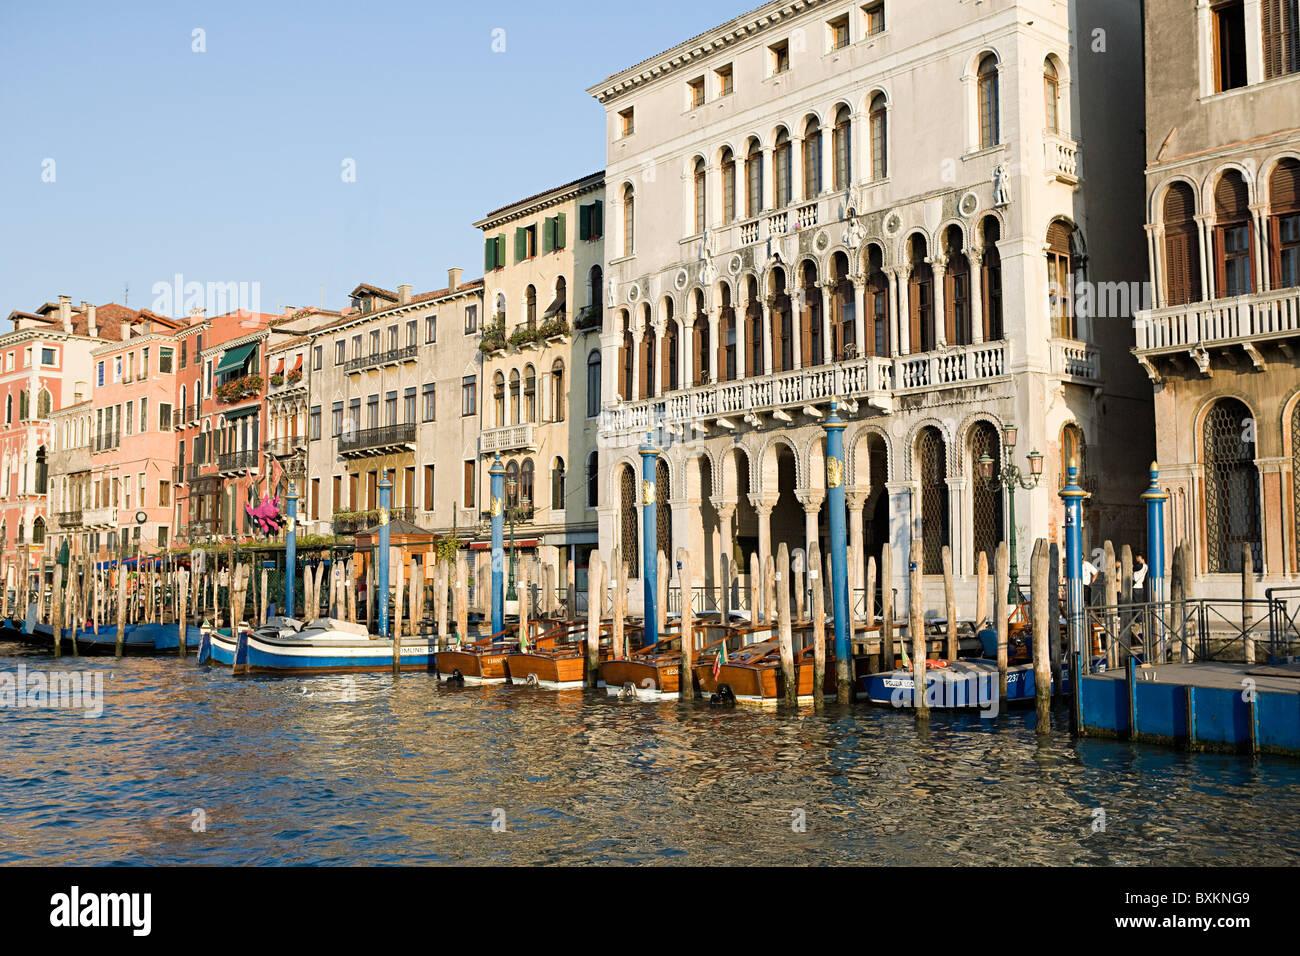 Grand Canal, Veneza, Itália Imagens de Stock